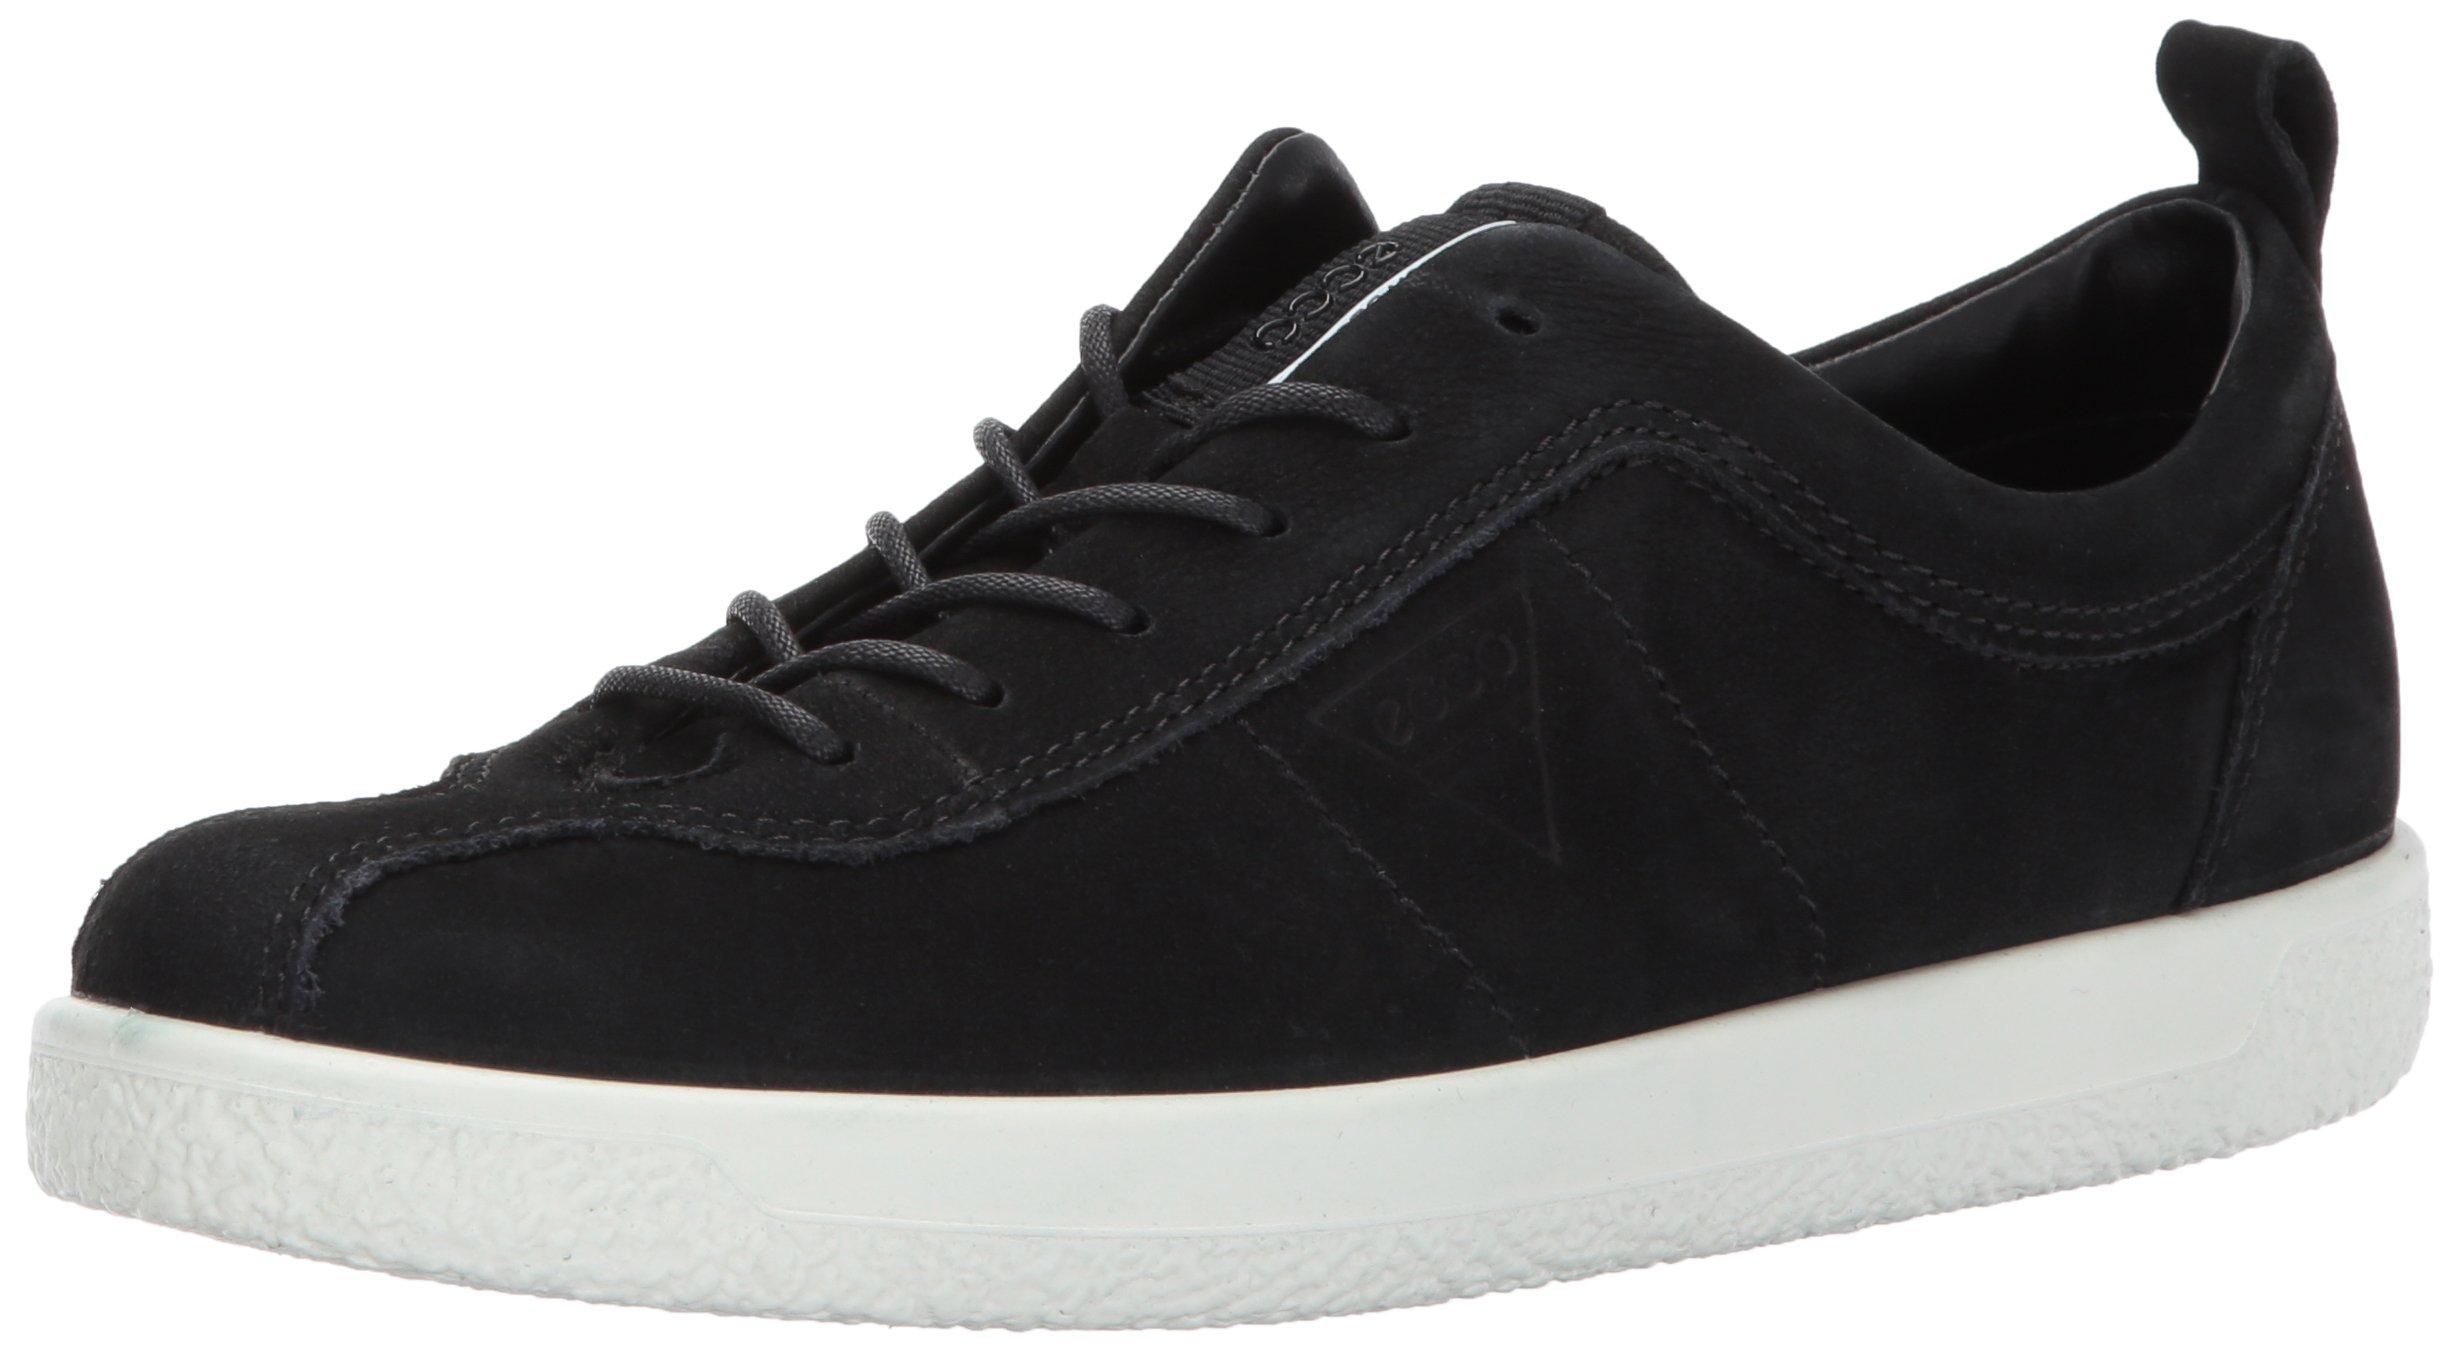 ECCO Women's Women's Soft 1 Fashion Sneaker, Black Nubuck, 39 EU/8-8.5 US